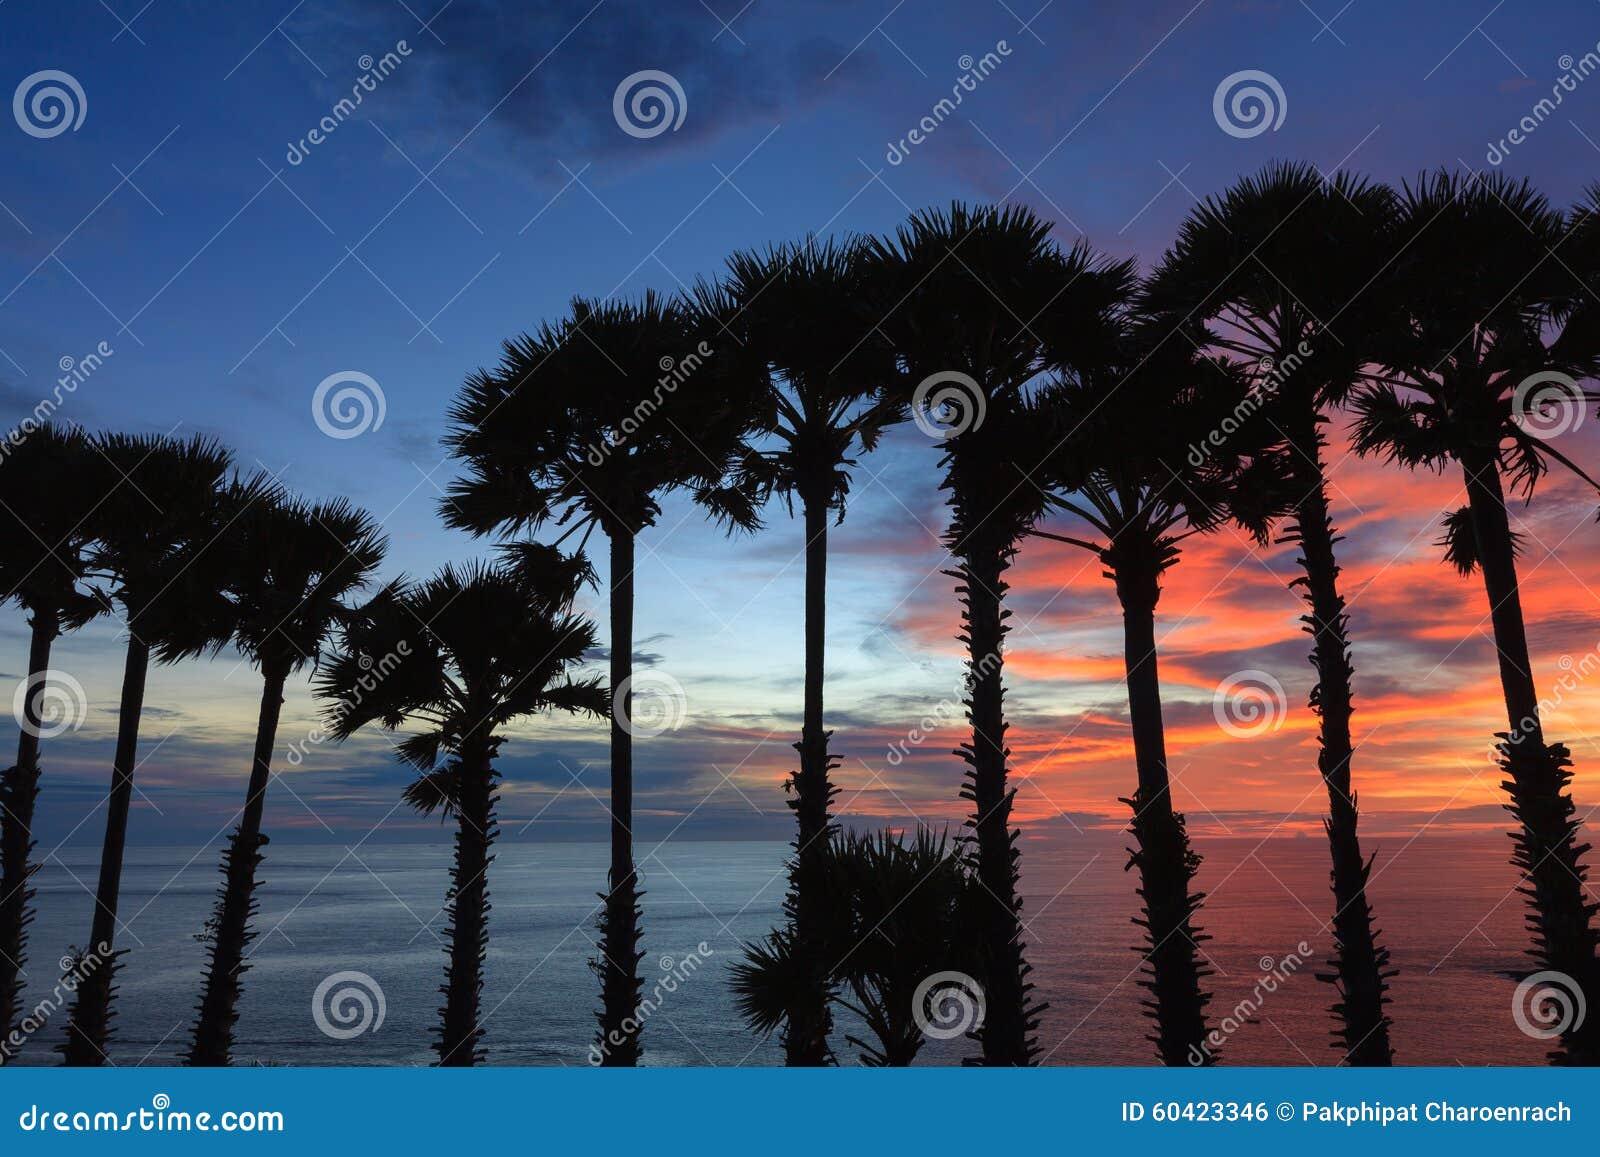 棕榈树剪影树梢在日落期间的